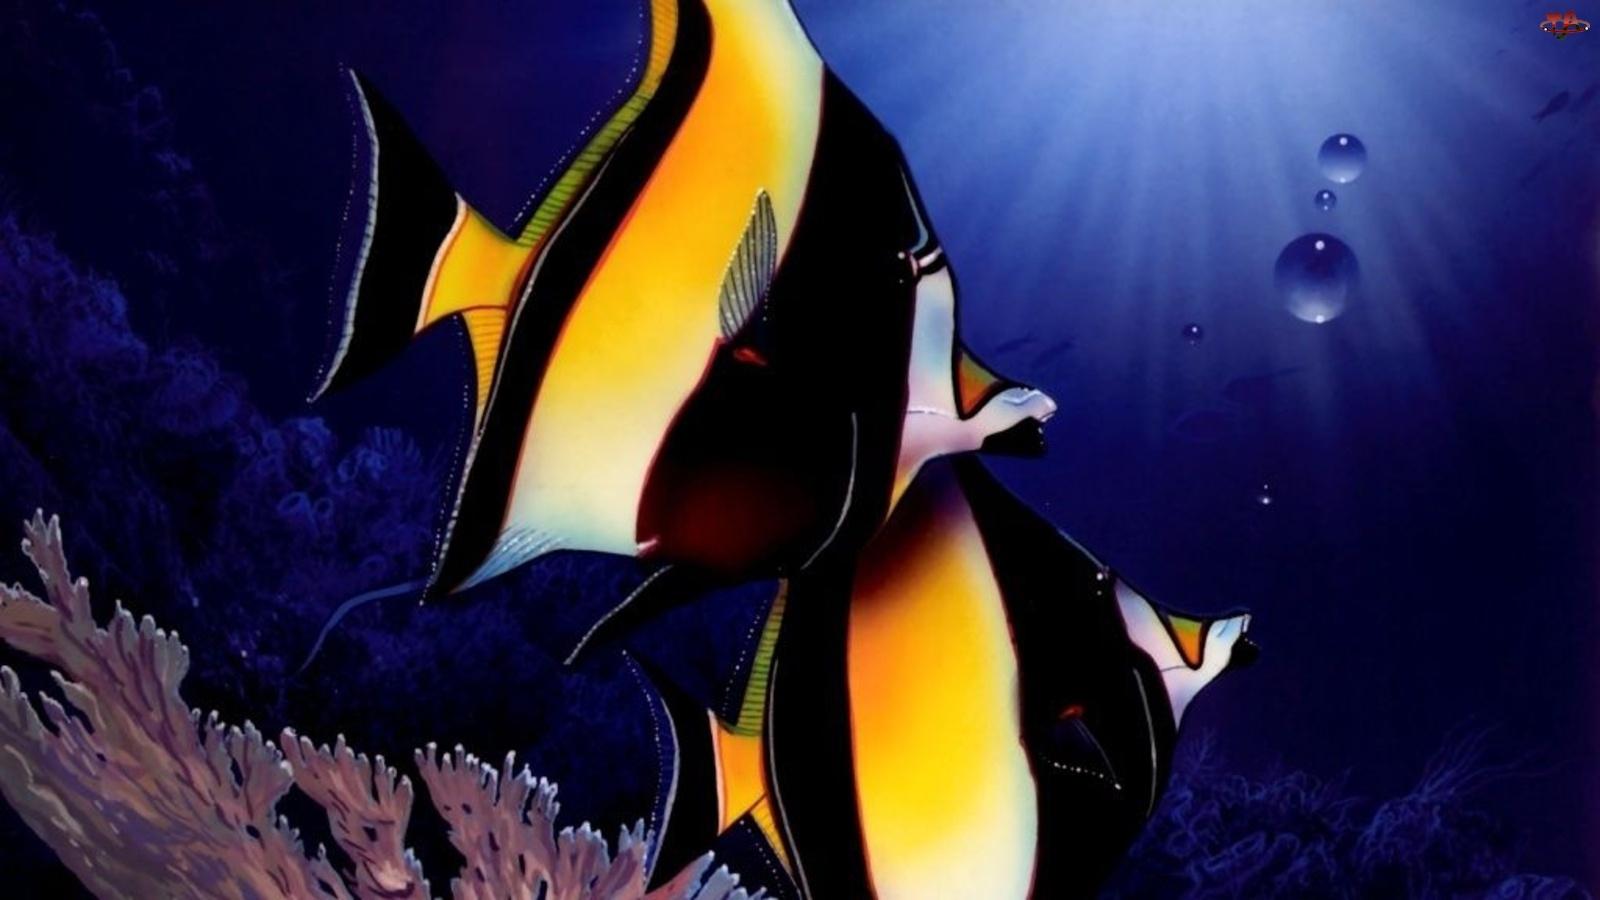 Ryby, Egzotyczne, Kolorowe